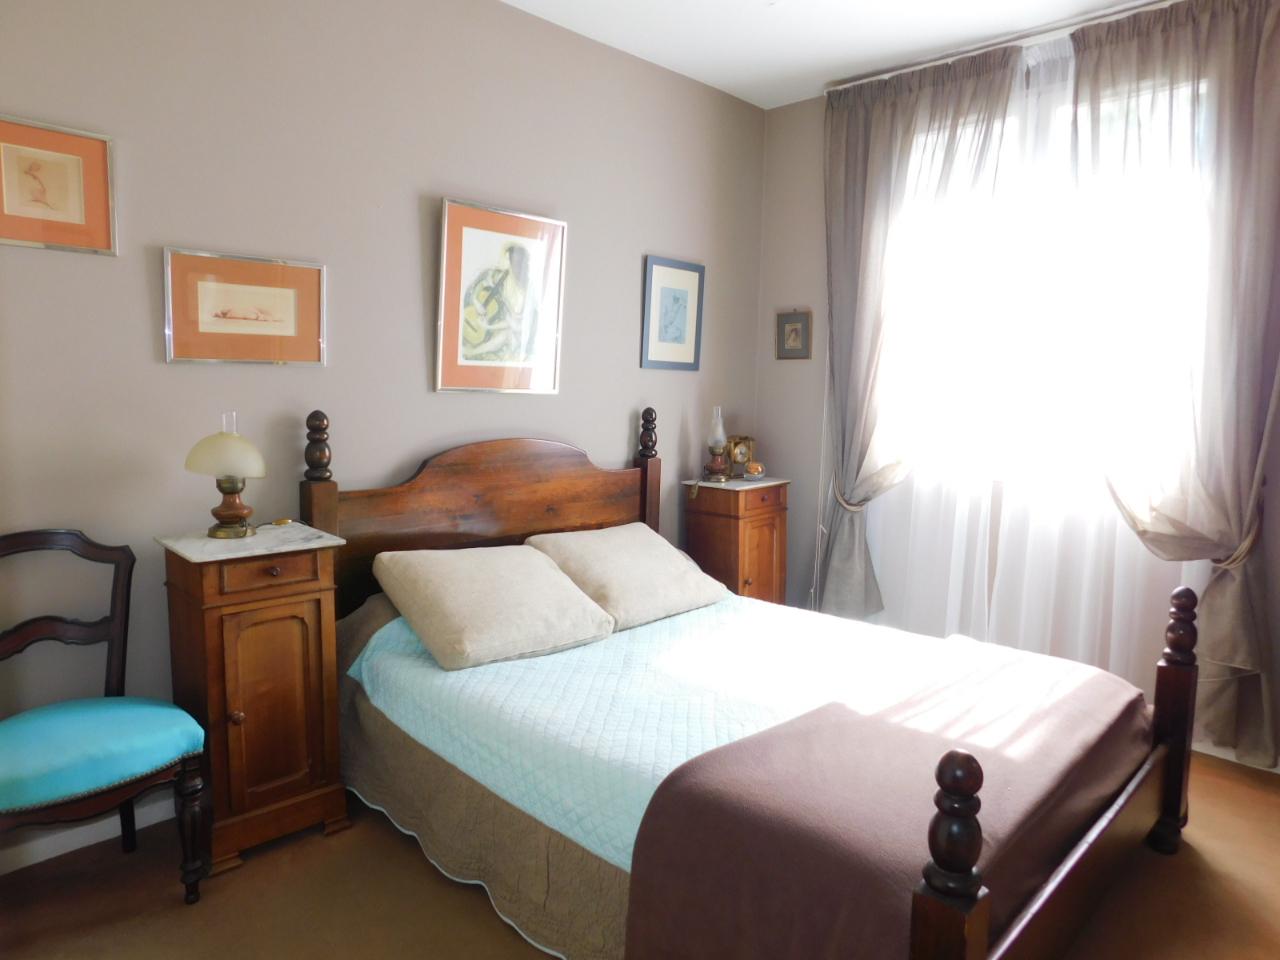 Vente appartement T4  à SAINT JEAN DE LUZ - 5